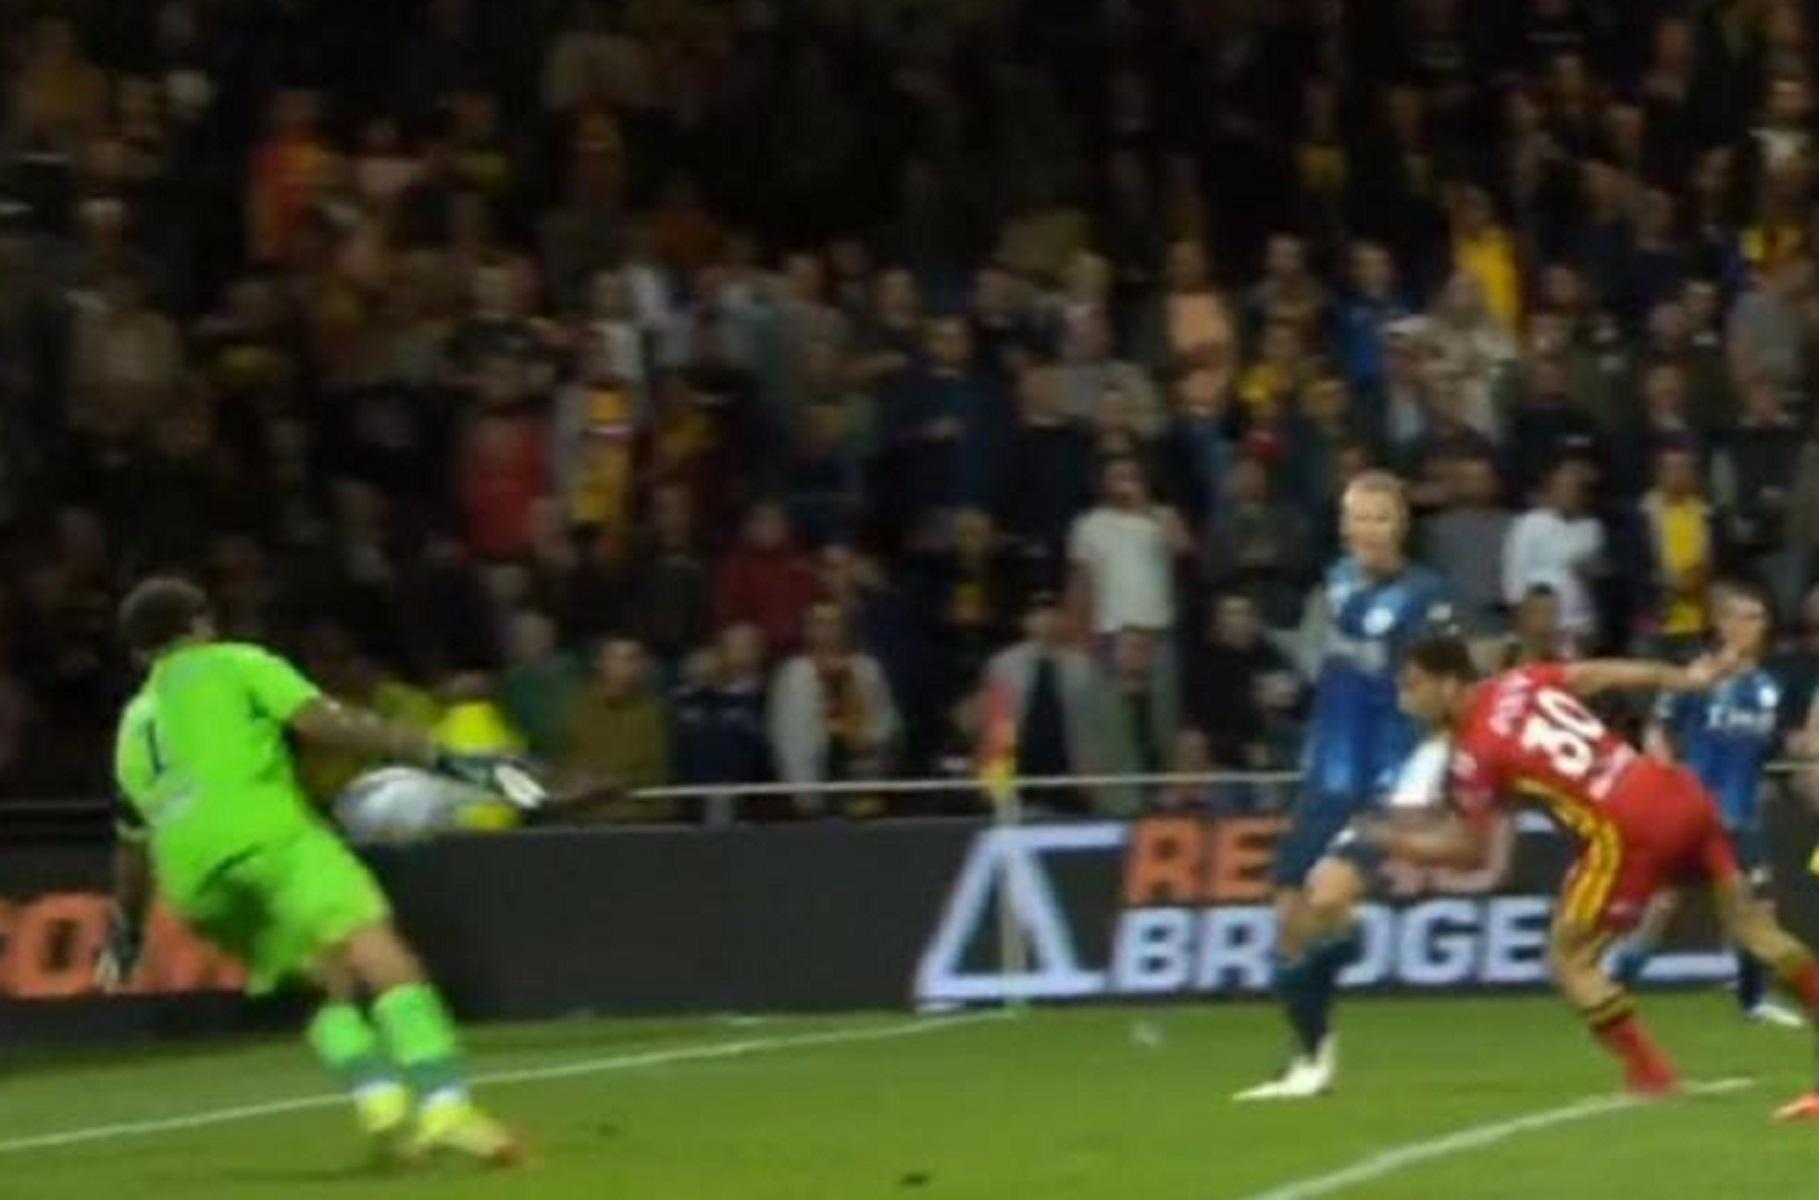 «Παρθενικό» γκολ του Μπότου στην Eredivisie και νίκη για την Γκόου Αχέντ Ίγκλς